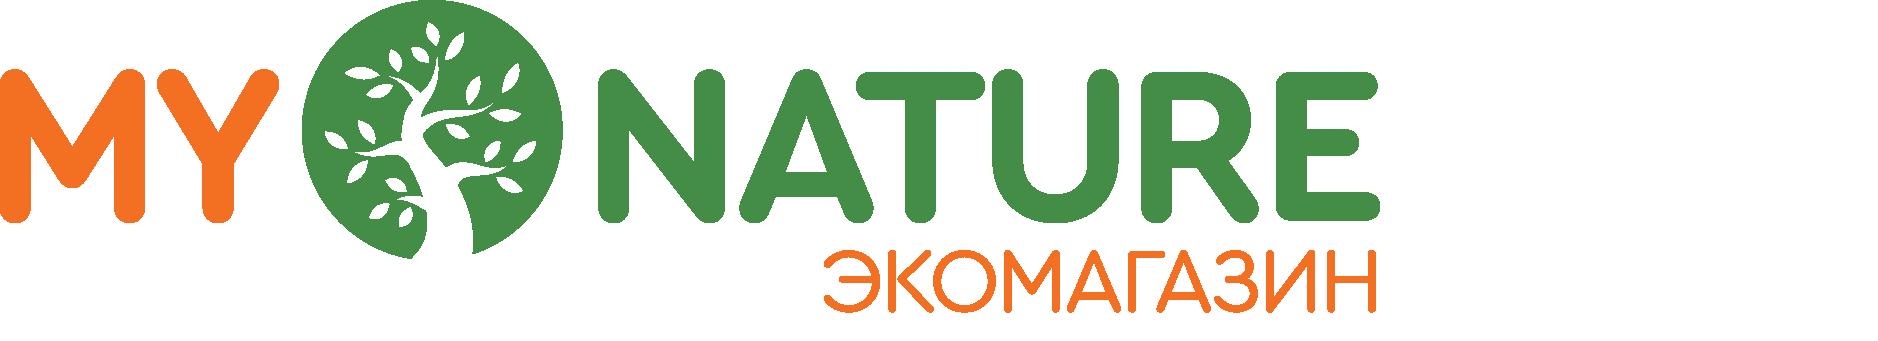 My Nature - интернет-магазин натуральных товаров